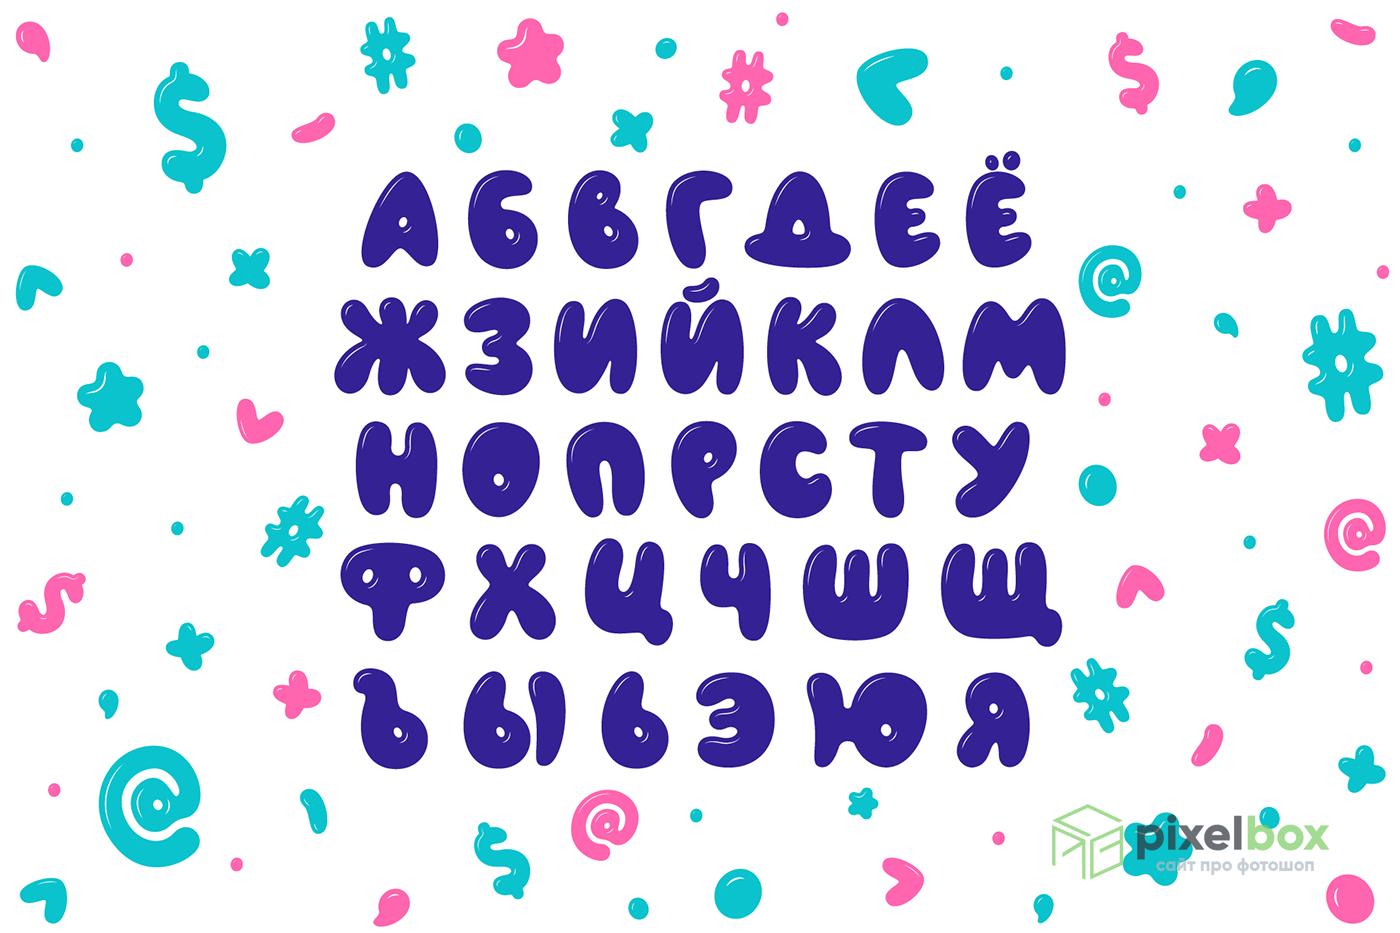 5 декоративных шрифтов с поддержкой кириллицы